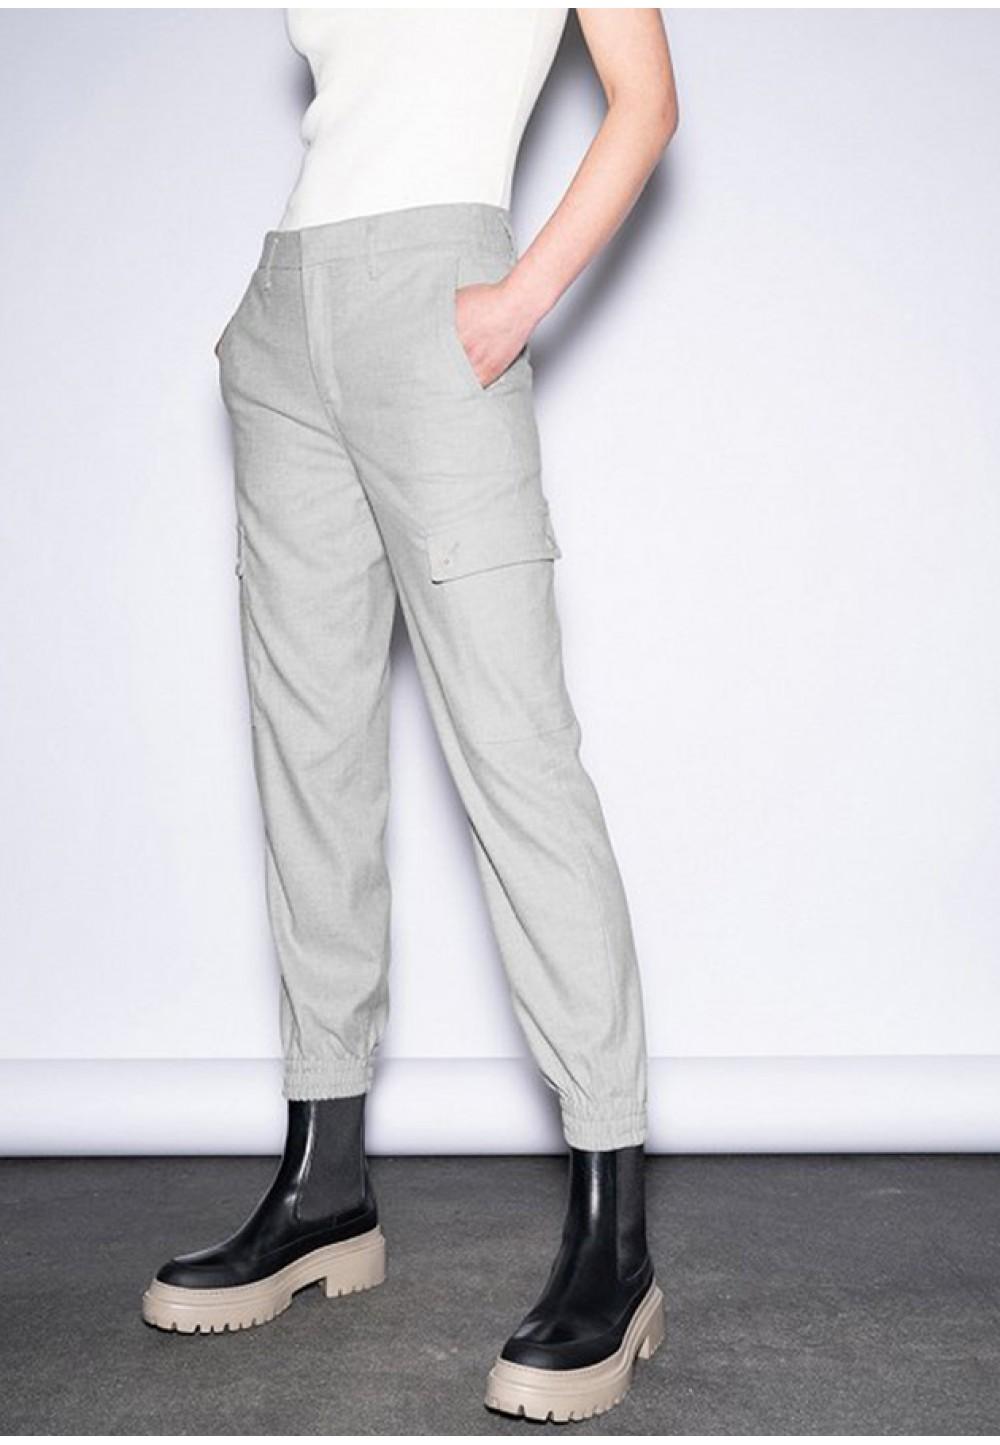 Стильные женские брюки серого цвета